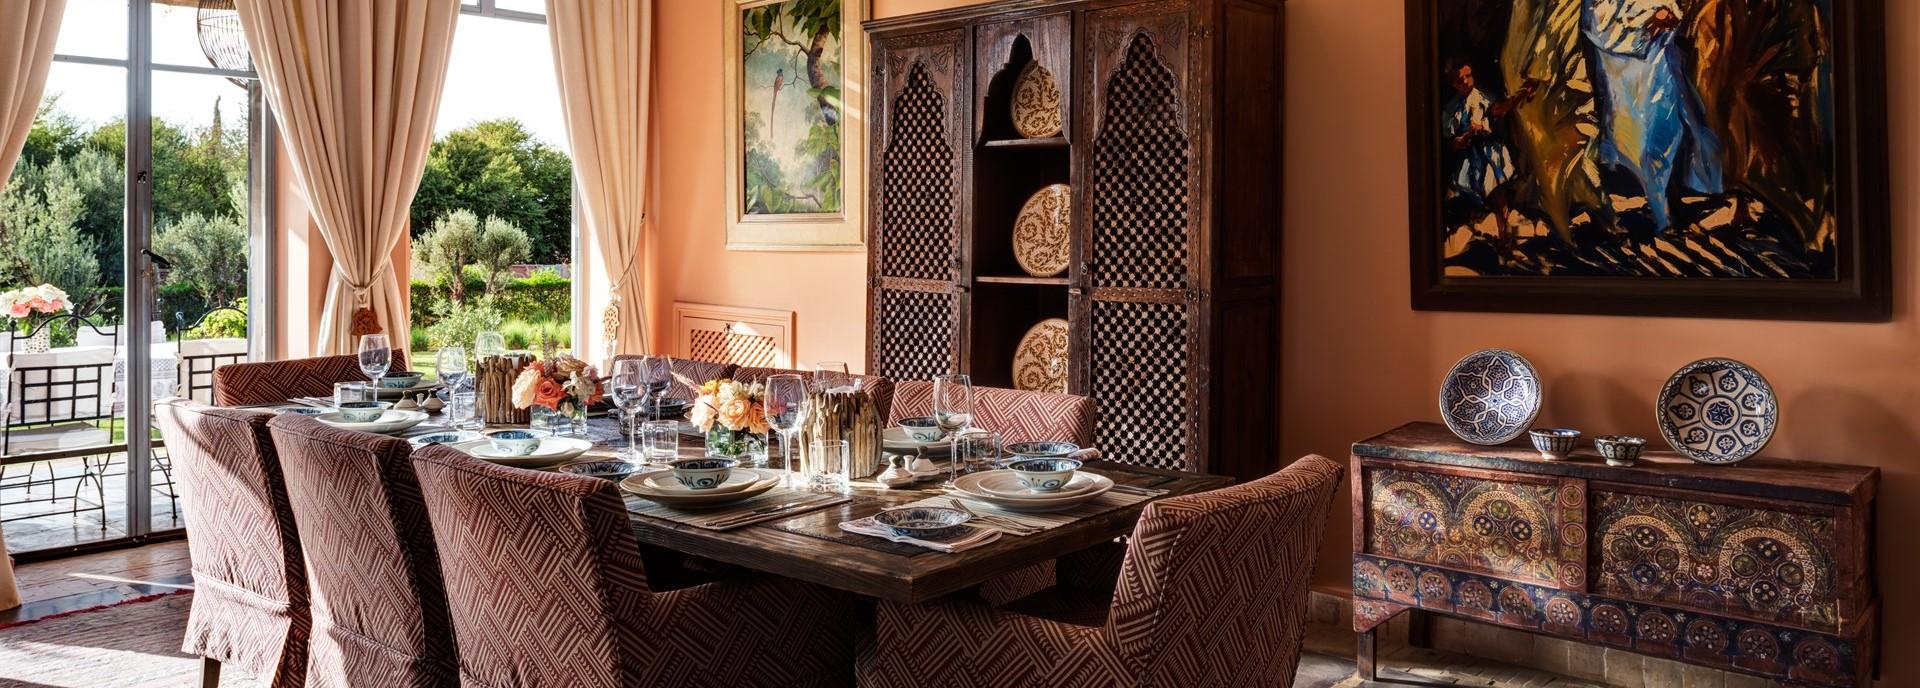 villa-dar-yasmina-dining-room